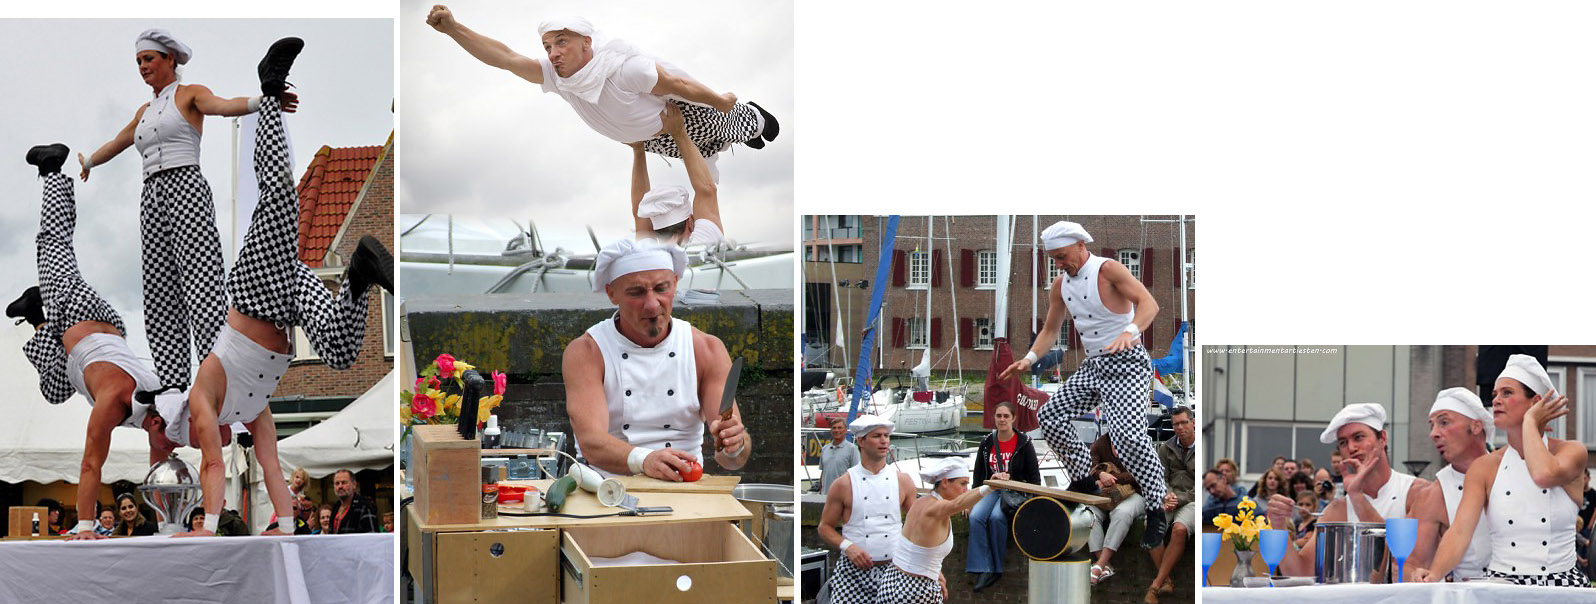 jongleur acrobatiek, Culinaire acrobatiek om een feestavond of een culinair evenement op te vrolijken Straattheater : De acrobaten koks maken komische capriolen en straatvoorstellingen voor festival en evenement, Govers Evenementen, www.goversartiesten.nl